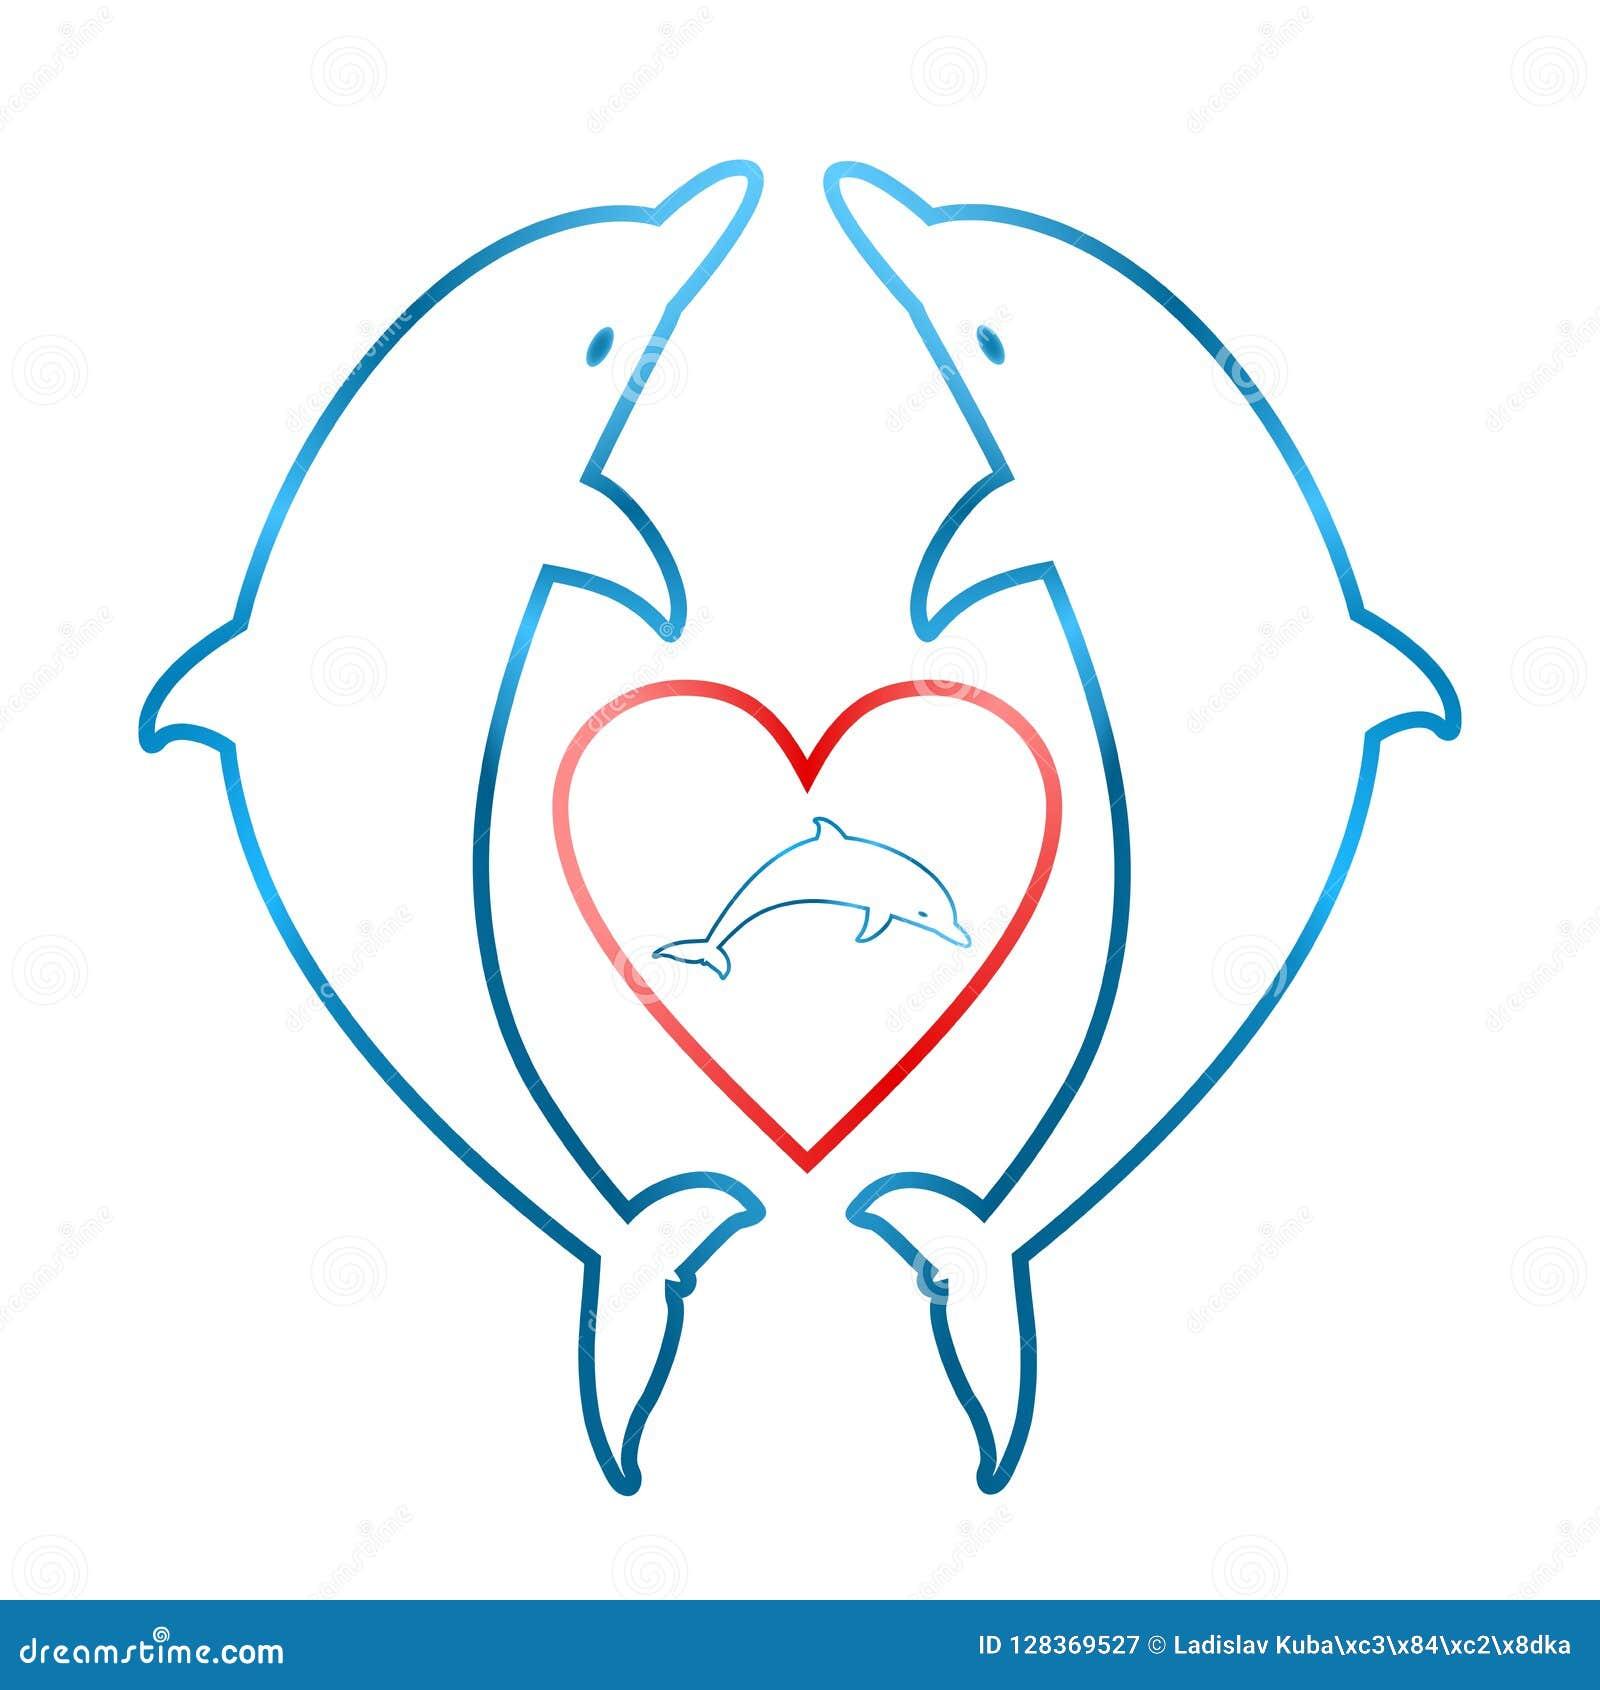 Dwa błękitnego delfinu stawia czoło each inny z czerwonym sercem z małym błękitnym delfinem wśrodku serca na białym tle